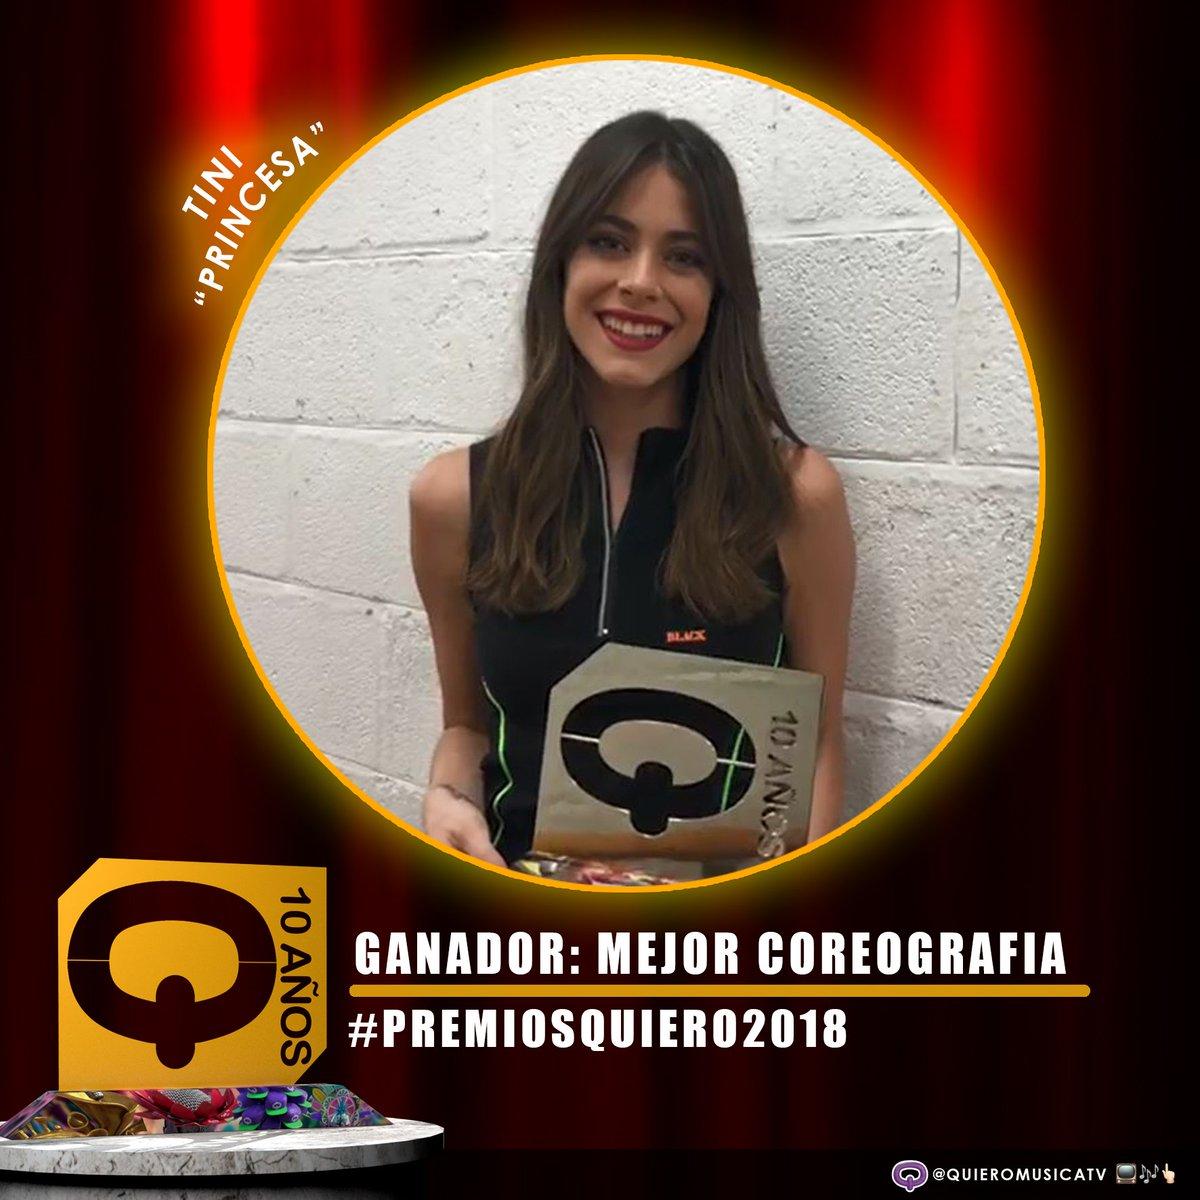 Tini wygrała nagrodę #PremiosQuiero2018 w kategorii #MejorCoreografia